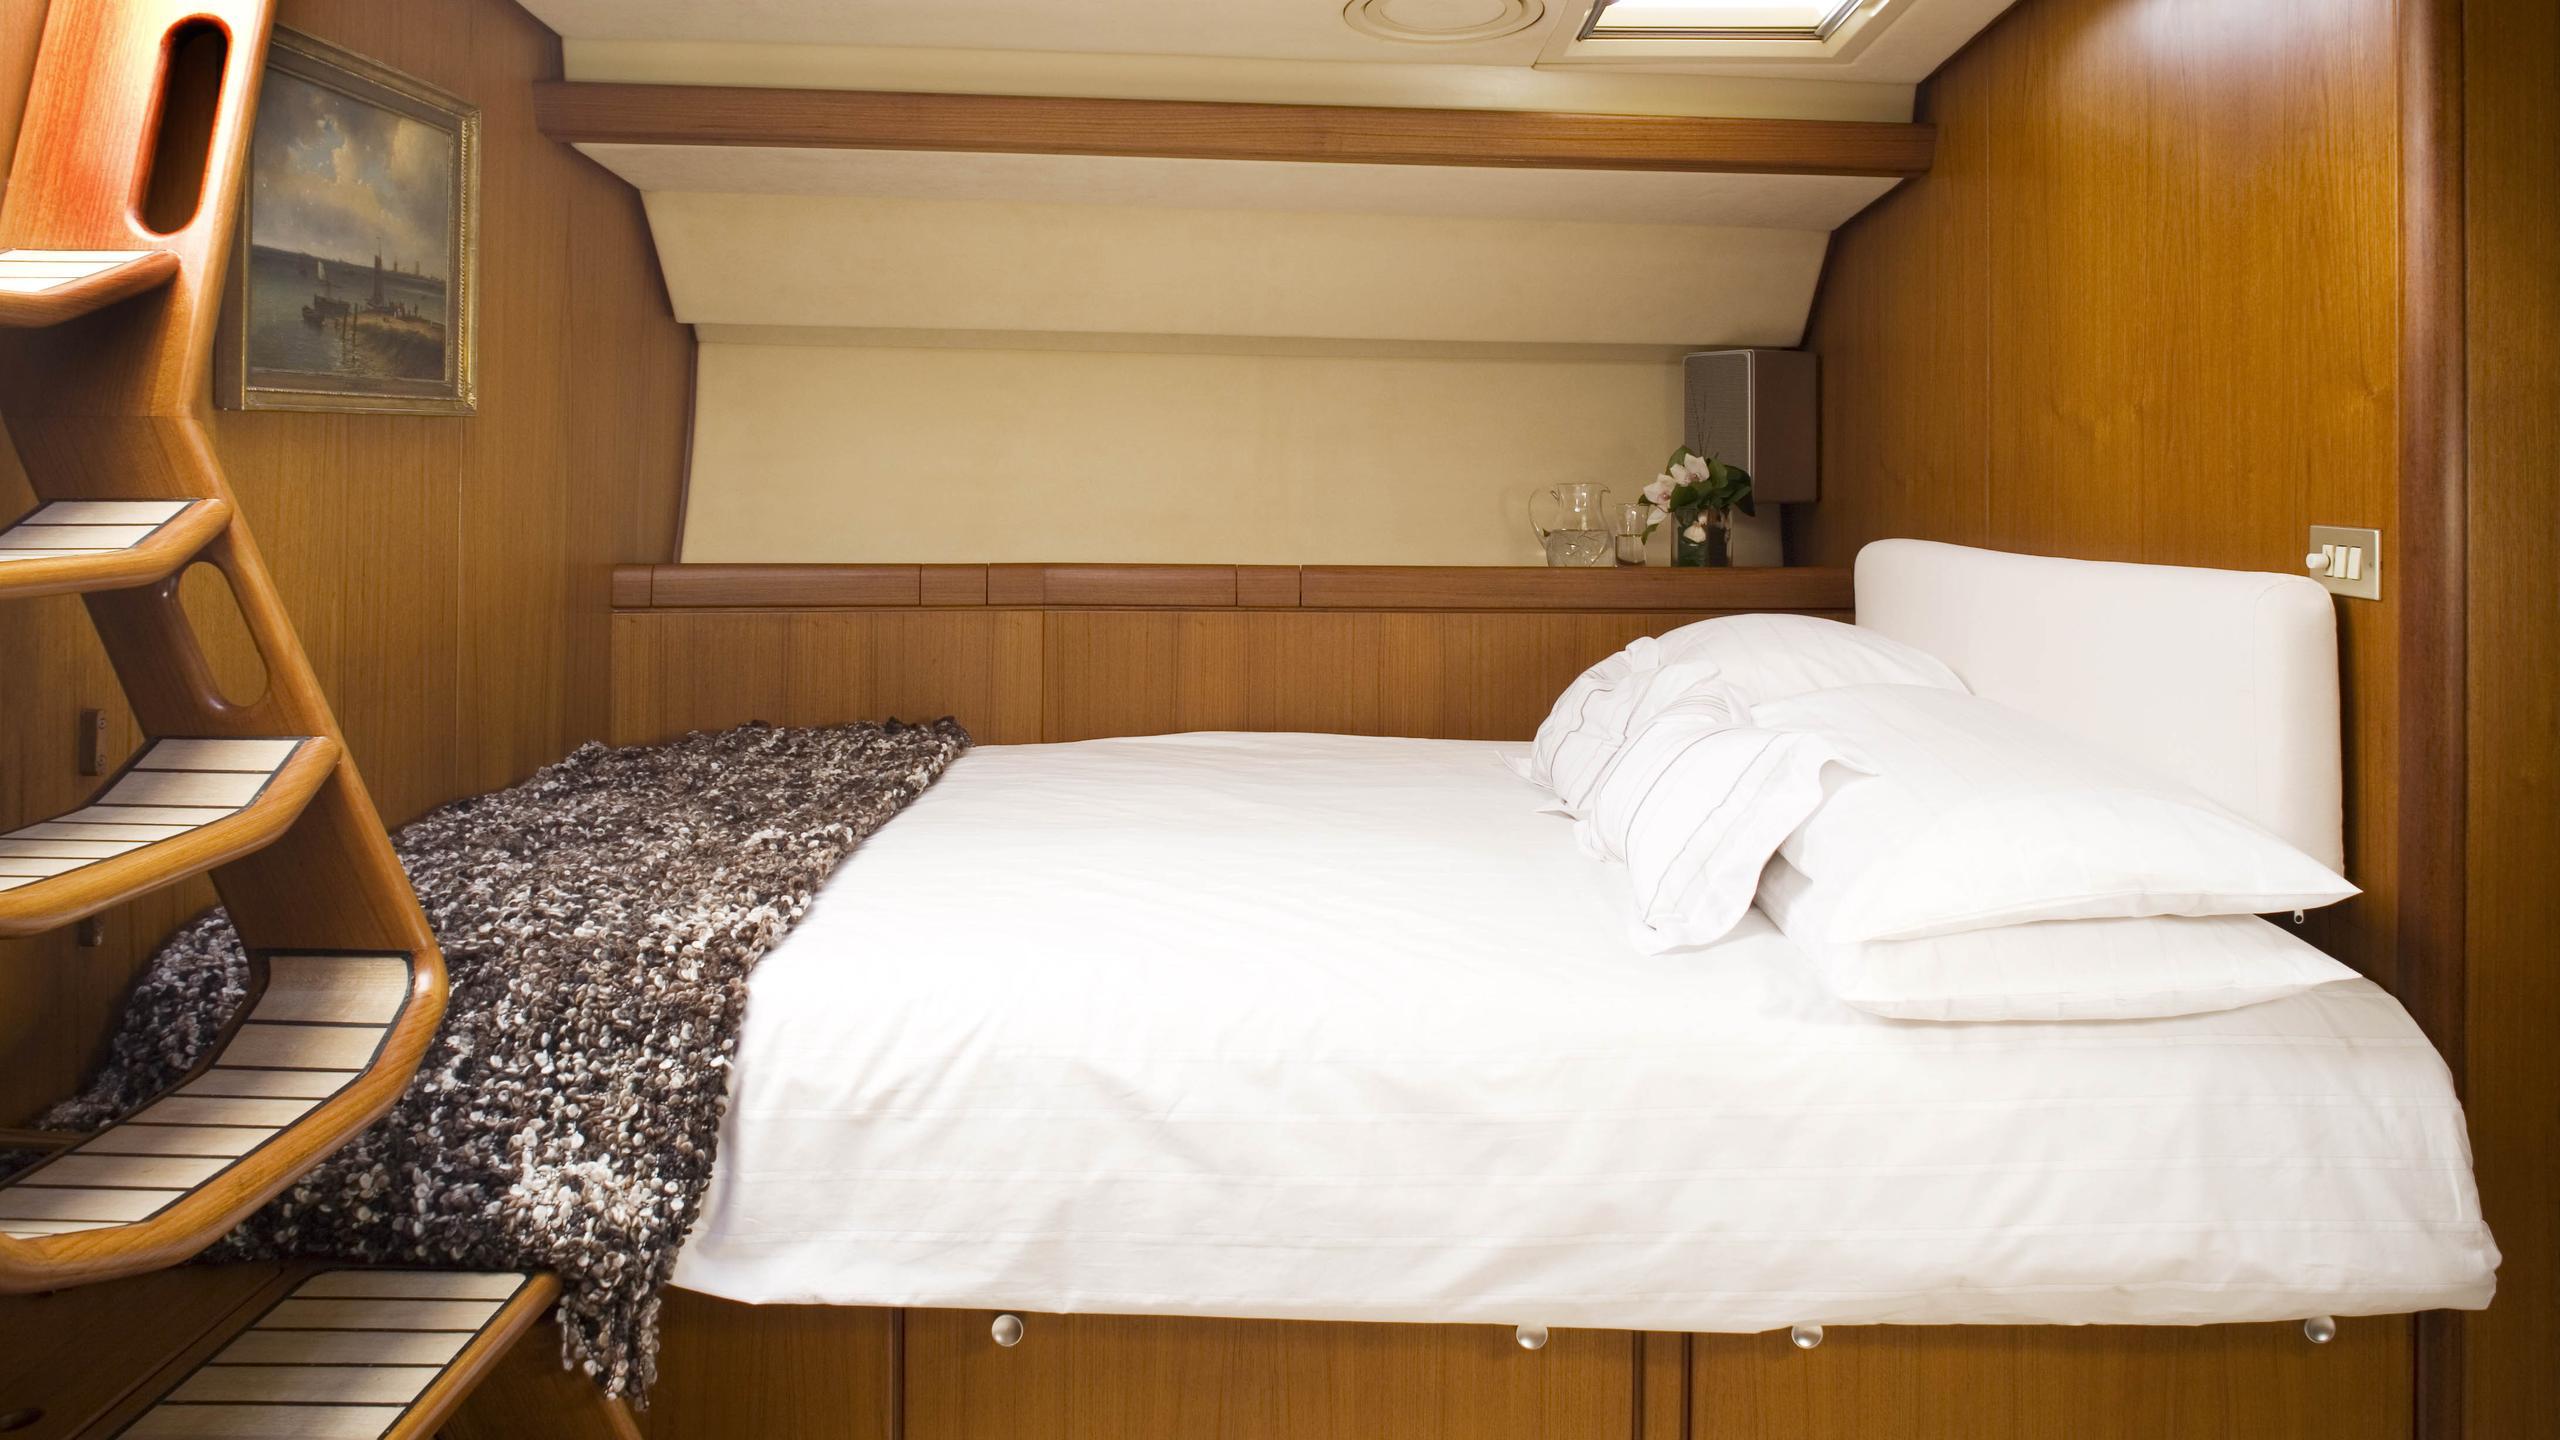 cyclos ii sailing yacht royal huisman 28m 1985 master bed